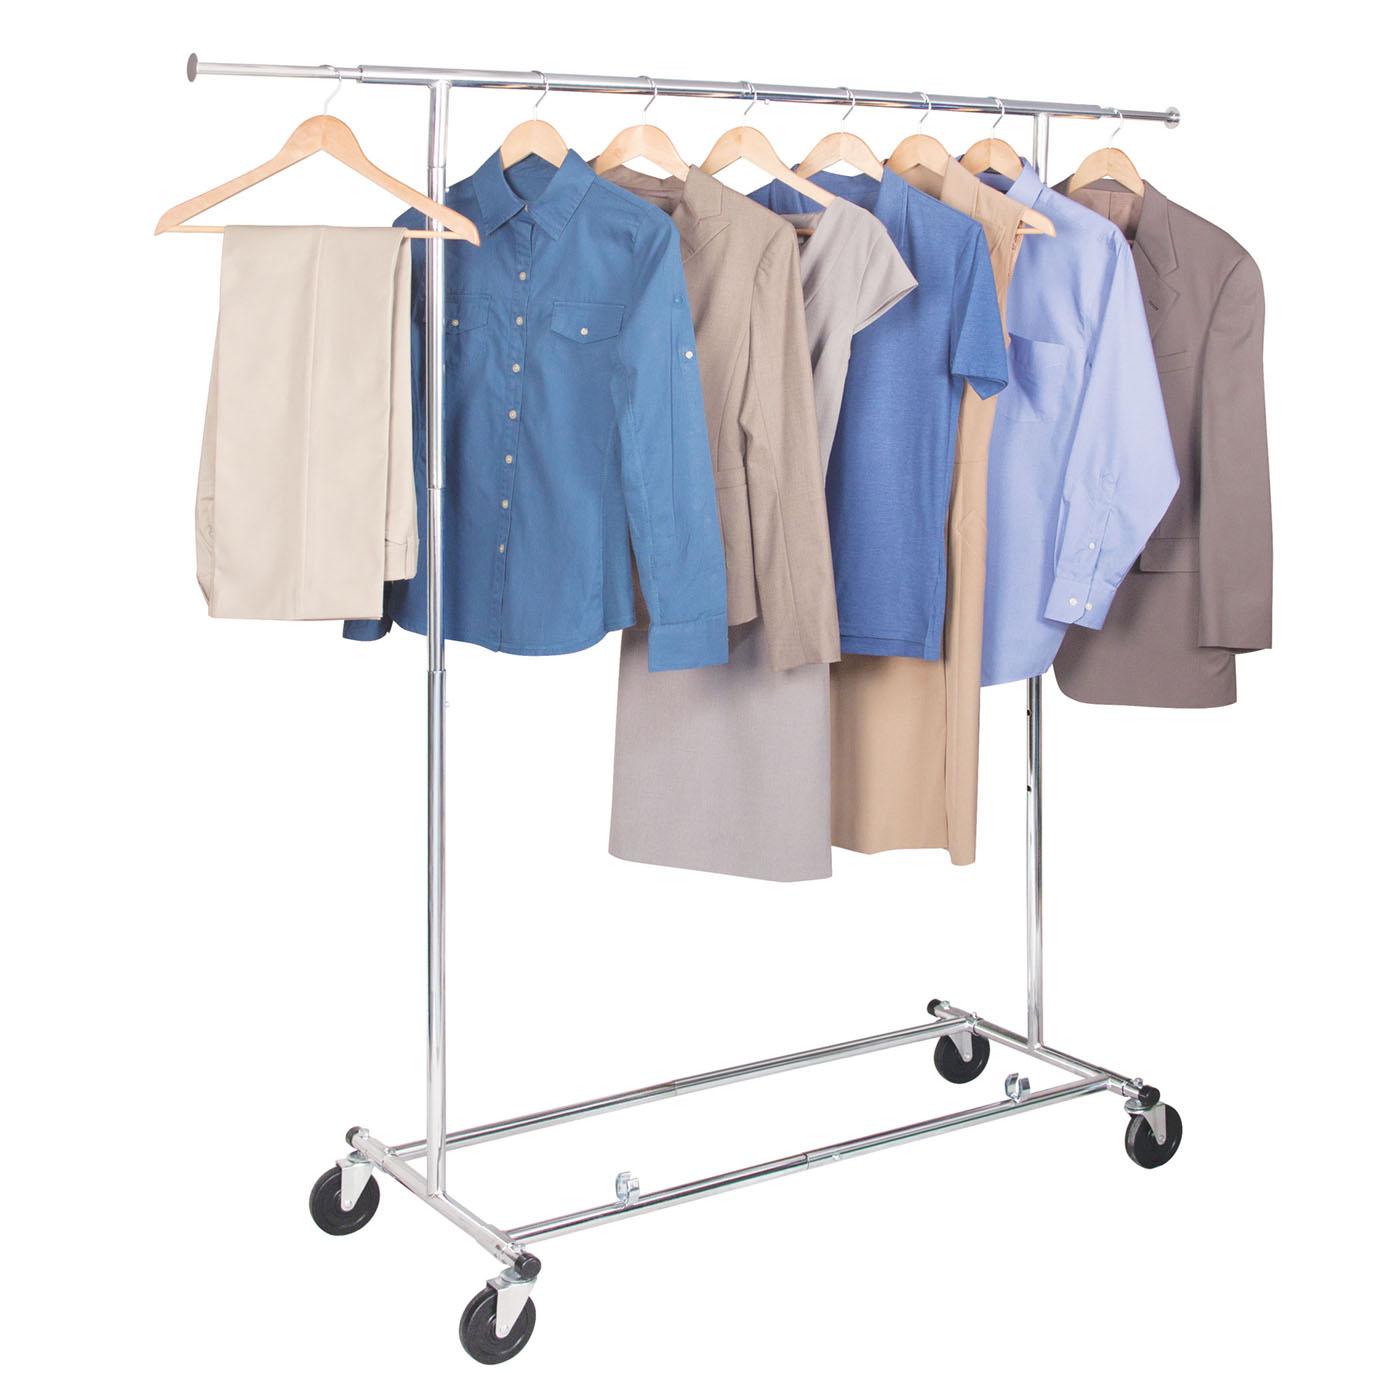 commercial chrome garment rack in